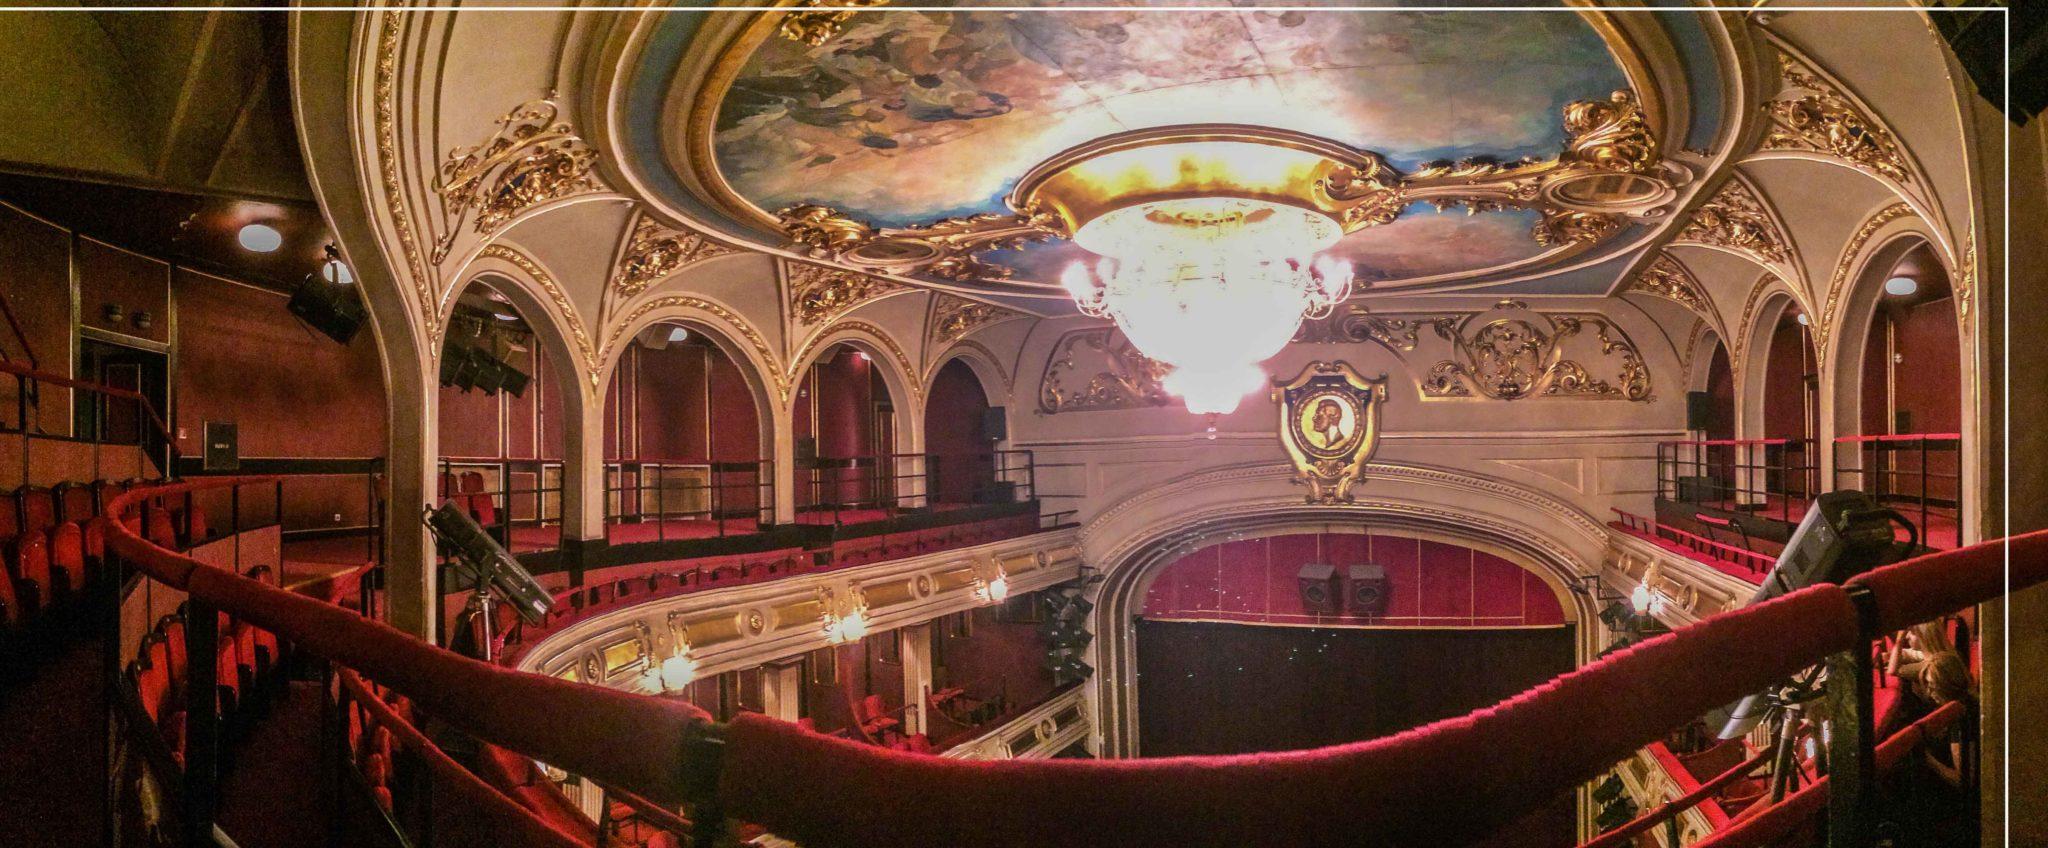 The Belgrade Ballet – Belgrade National Theatre